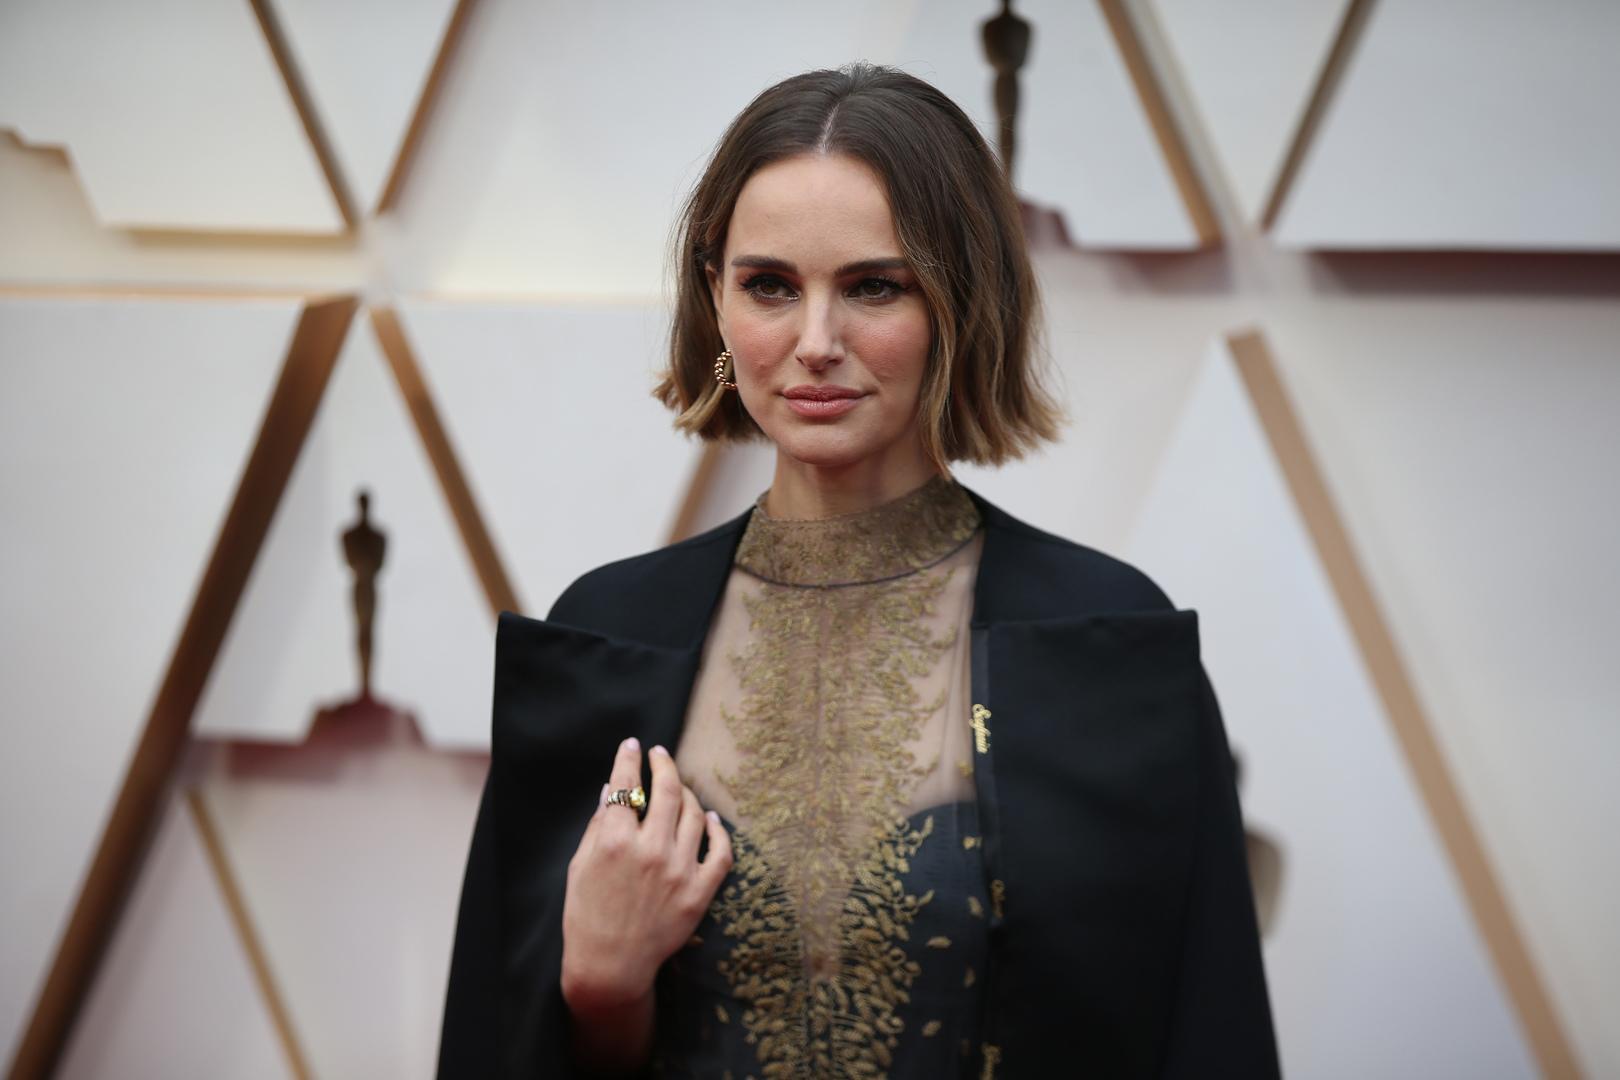 Natalie Portman revela o trauma de ter sido sexualizada na infância